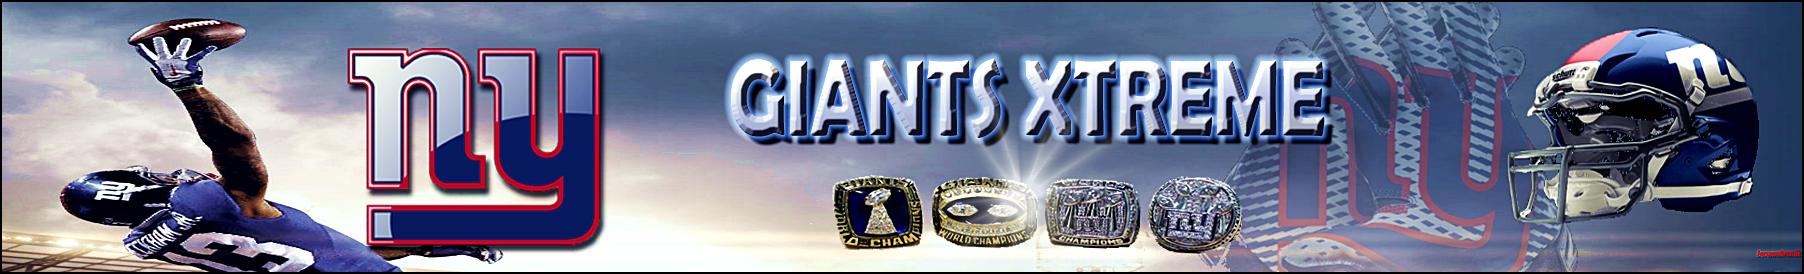 Giants Xtreme